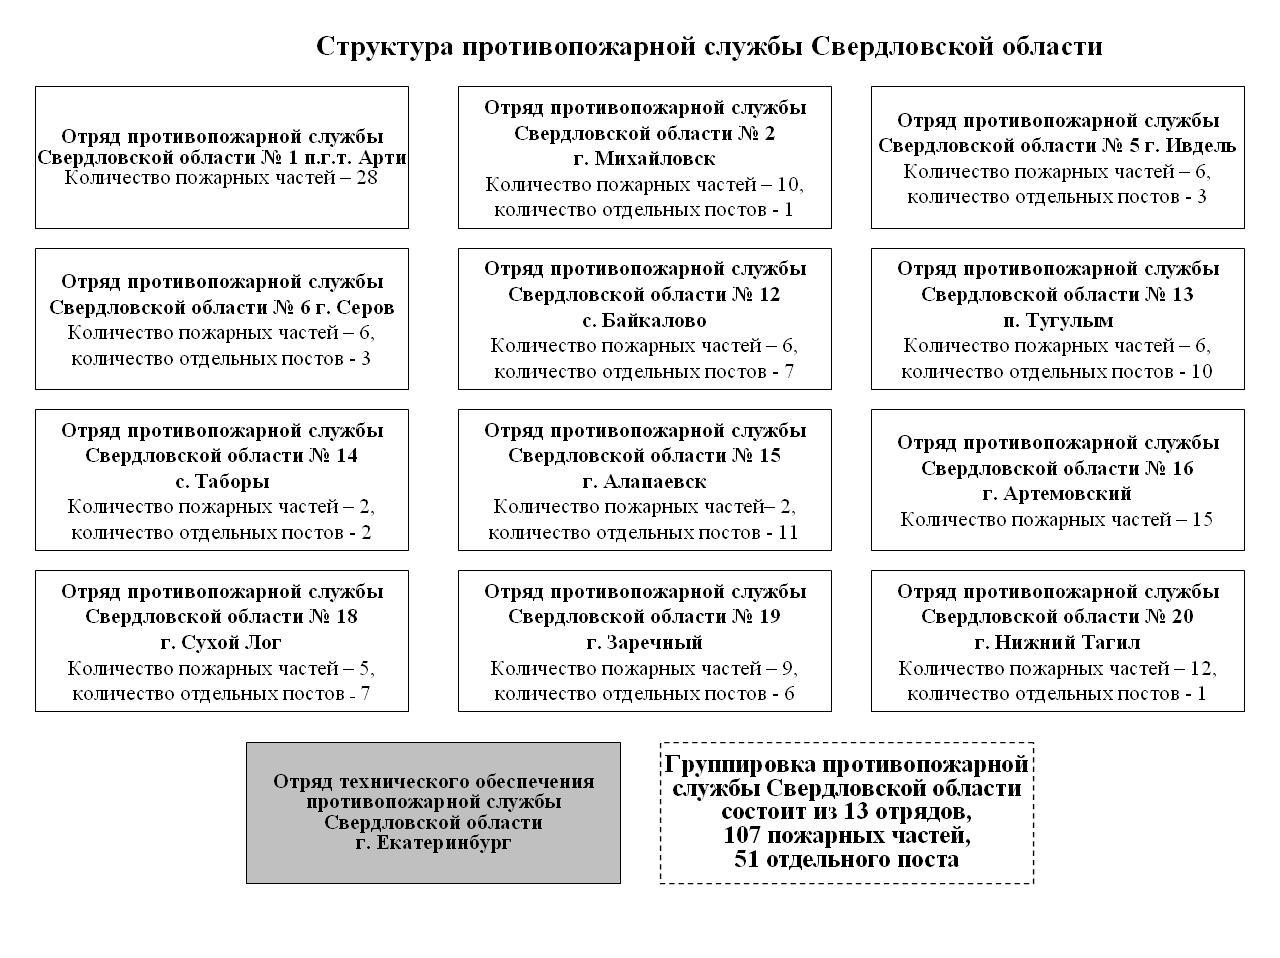 Противопожарная служба Свердловской области